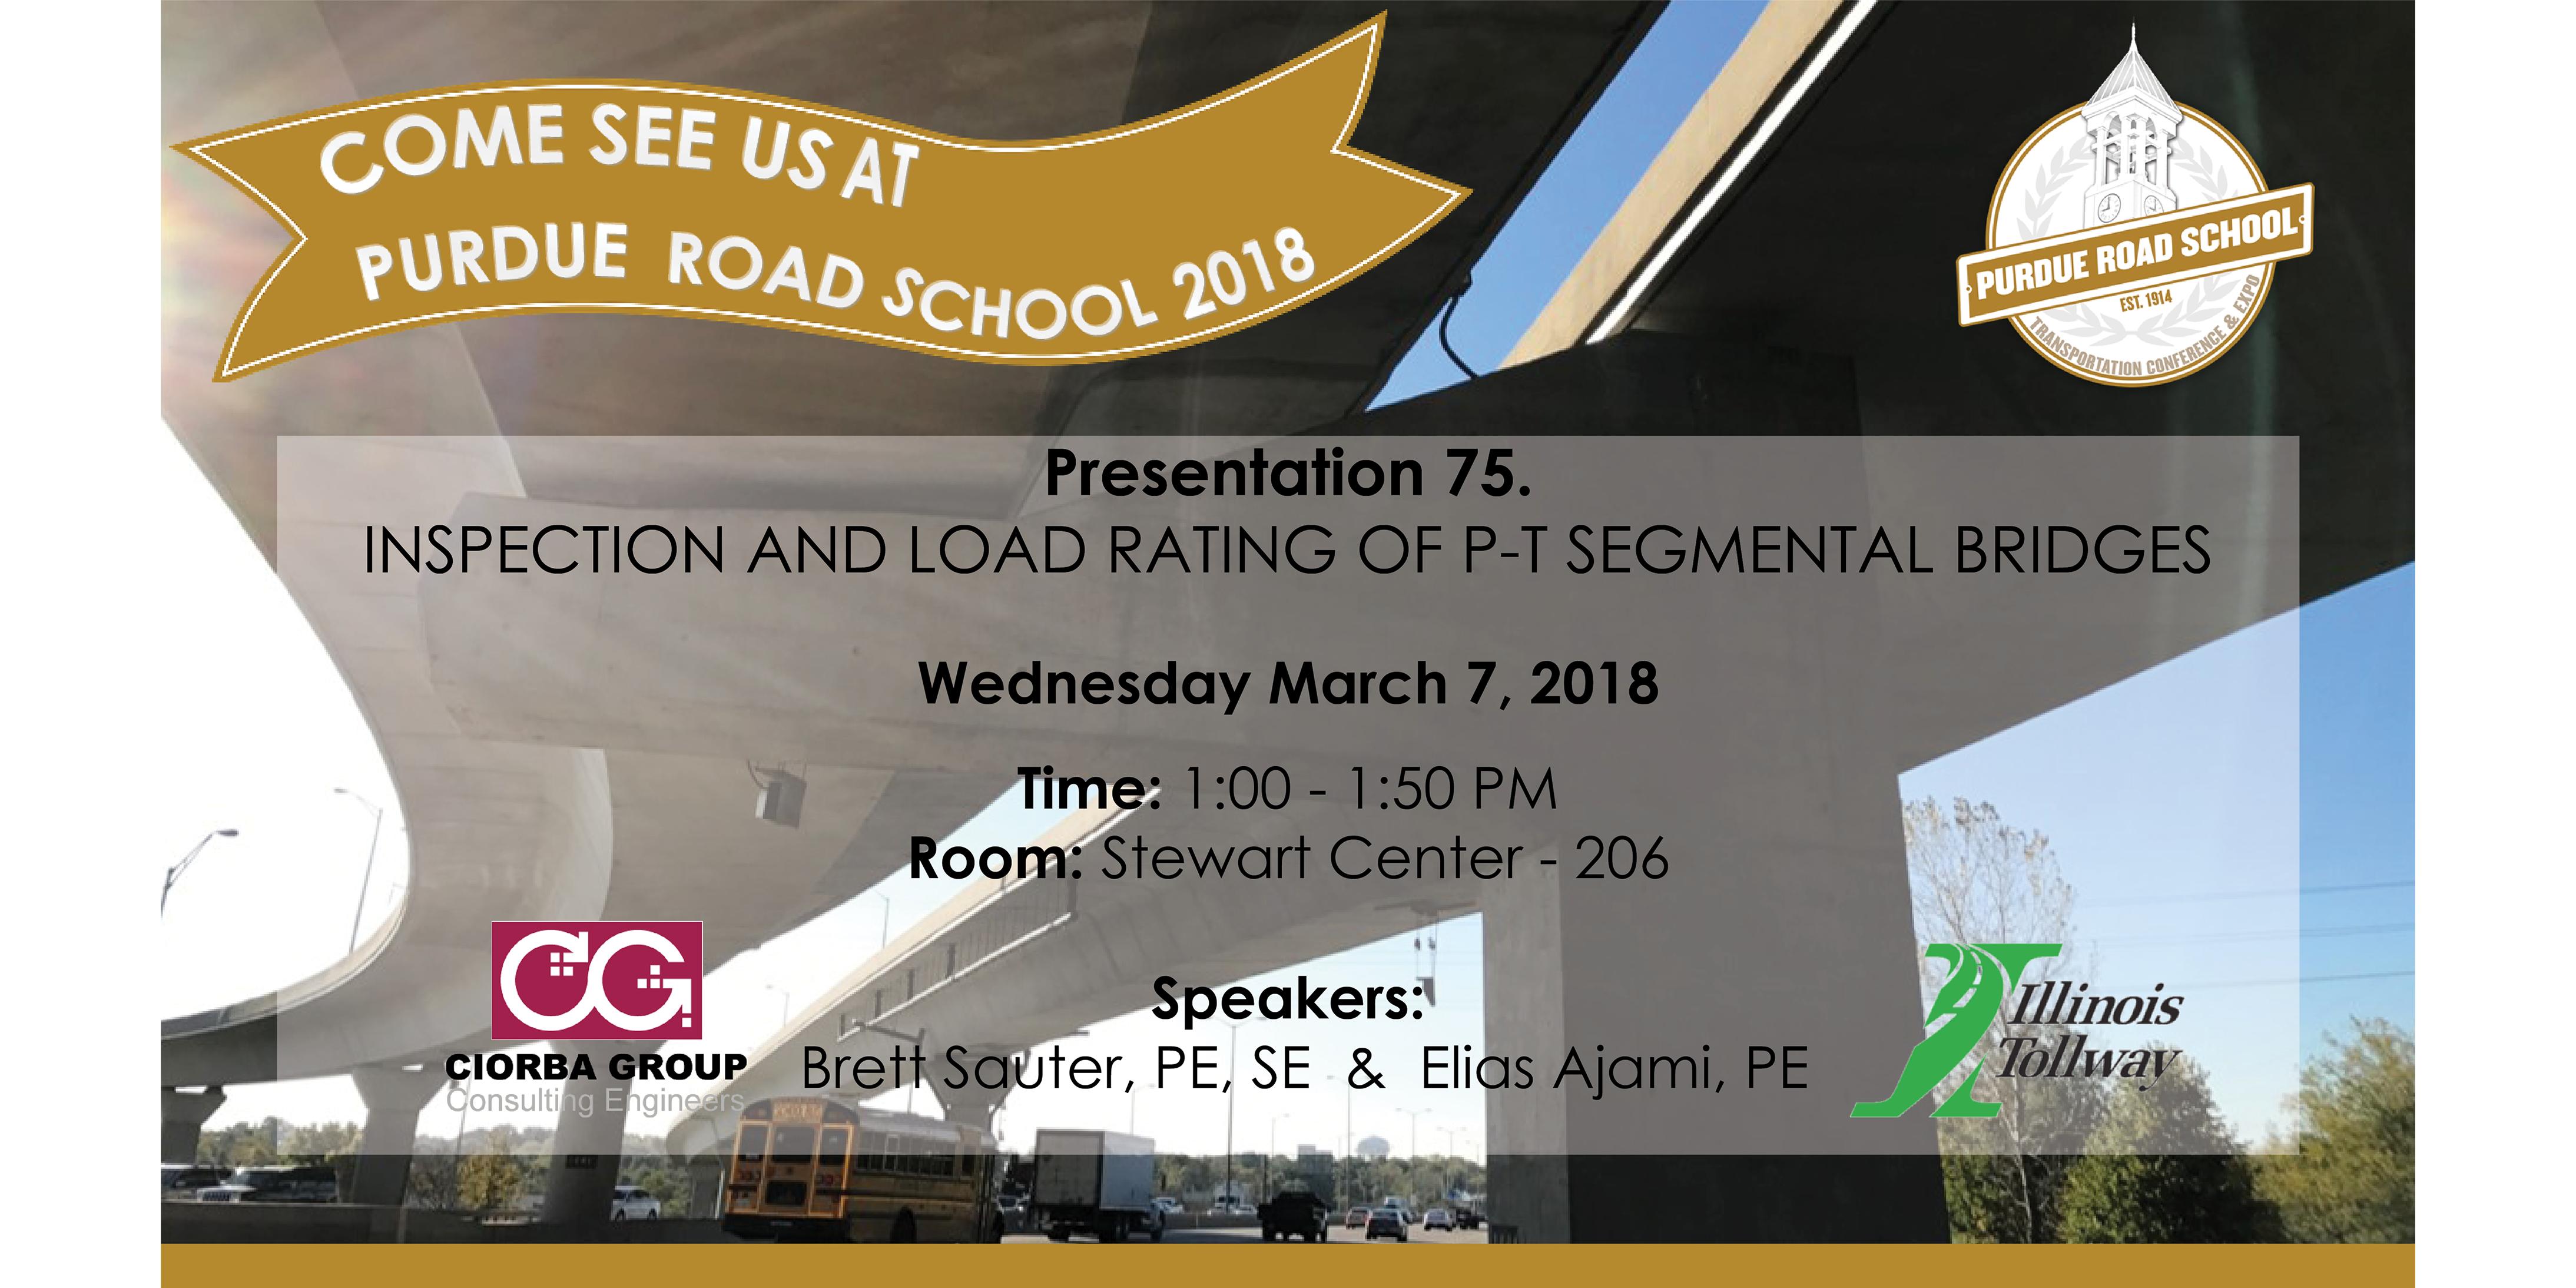 Road School_ Purdue   Ciorba Group